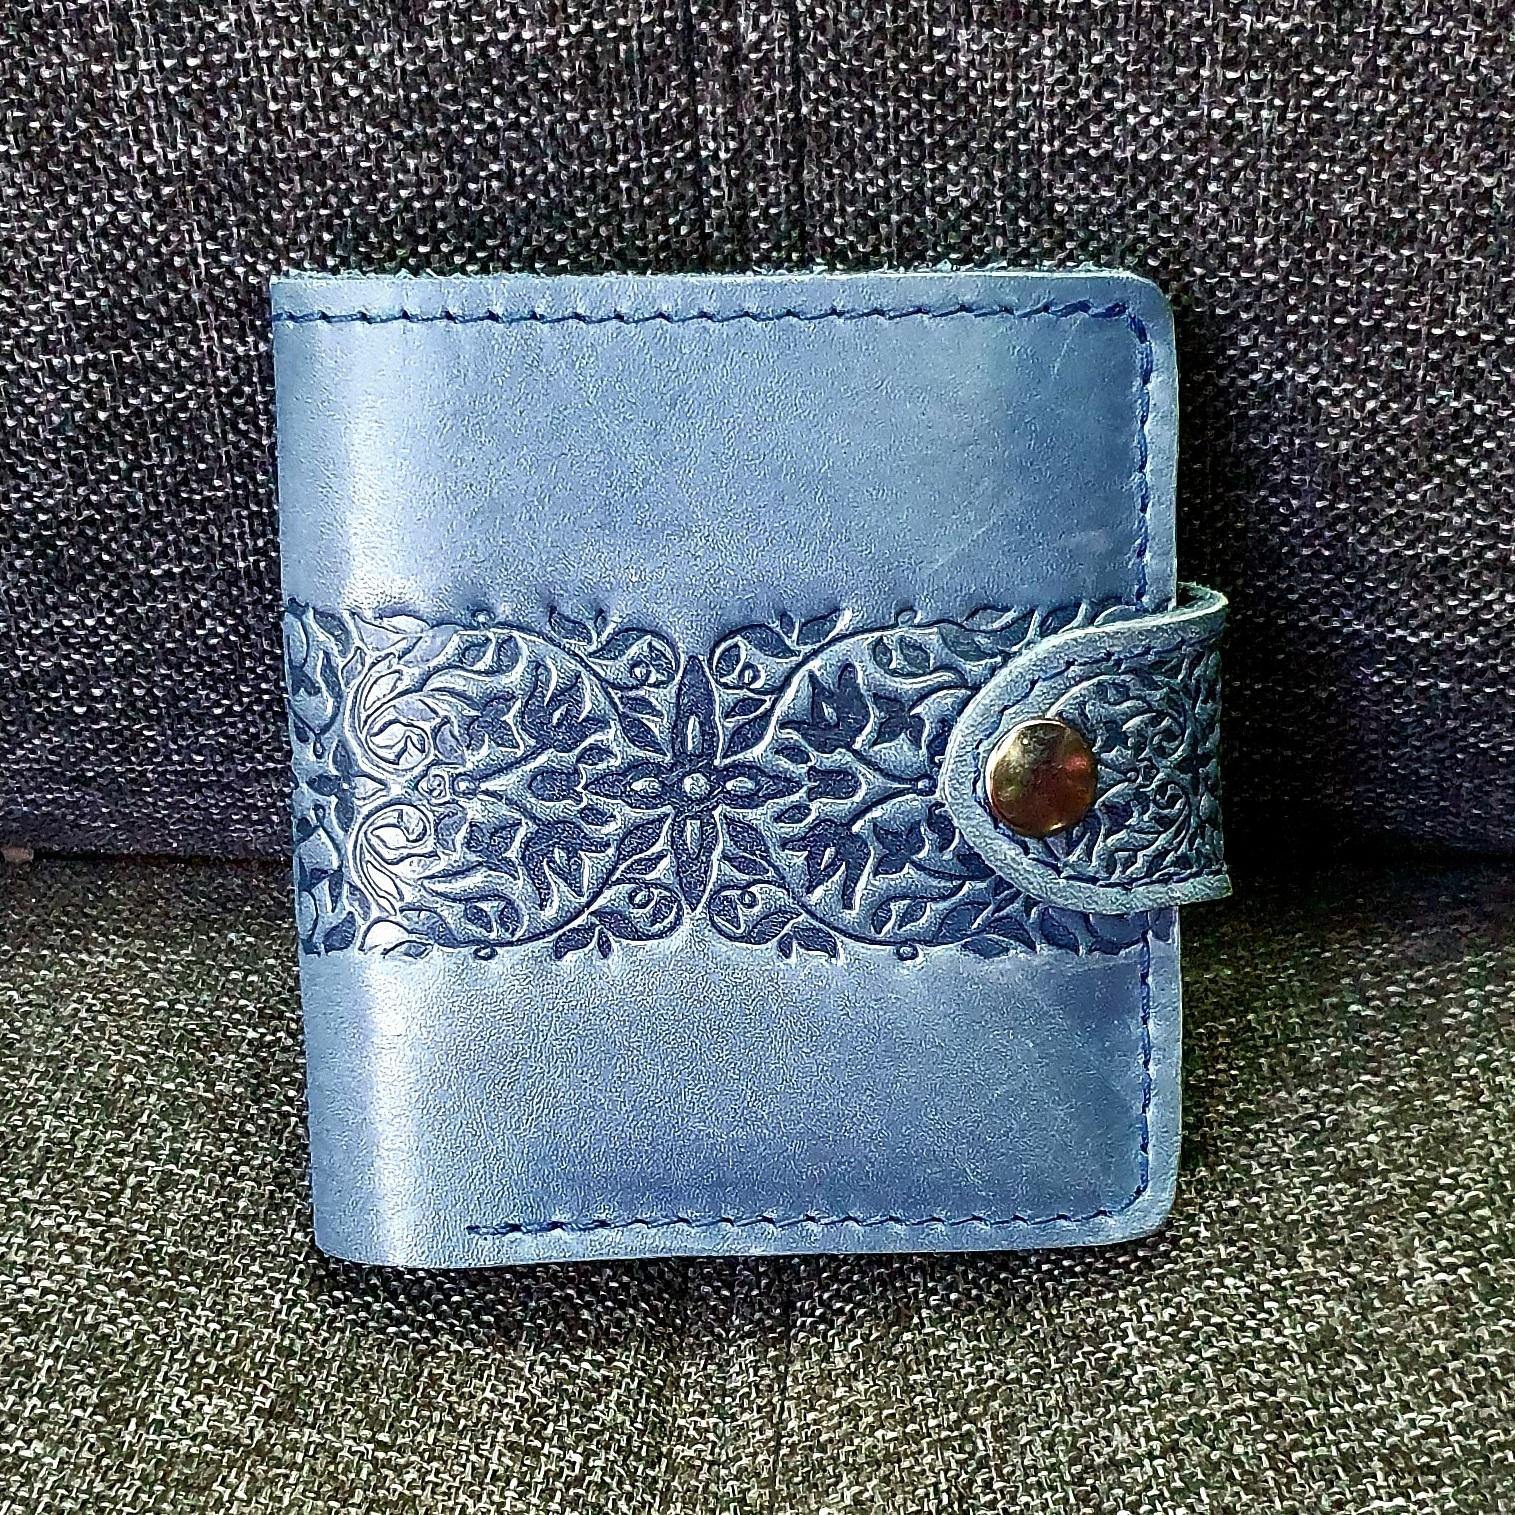 Красивый кошелёк «Turtle» из натуральной кожи работы украинских мастеров купить. Цена 845 грн